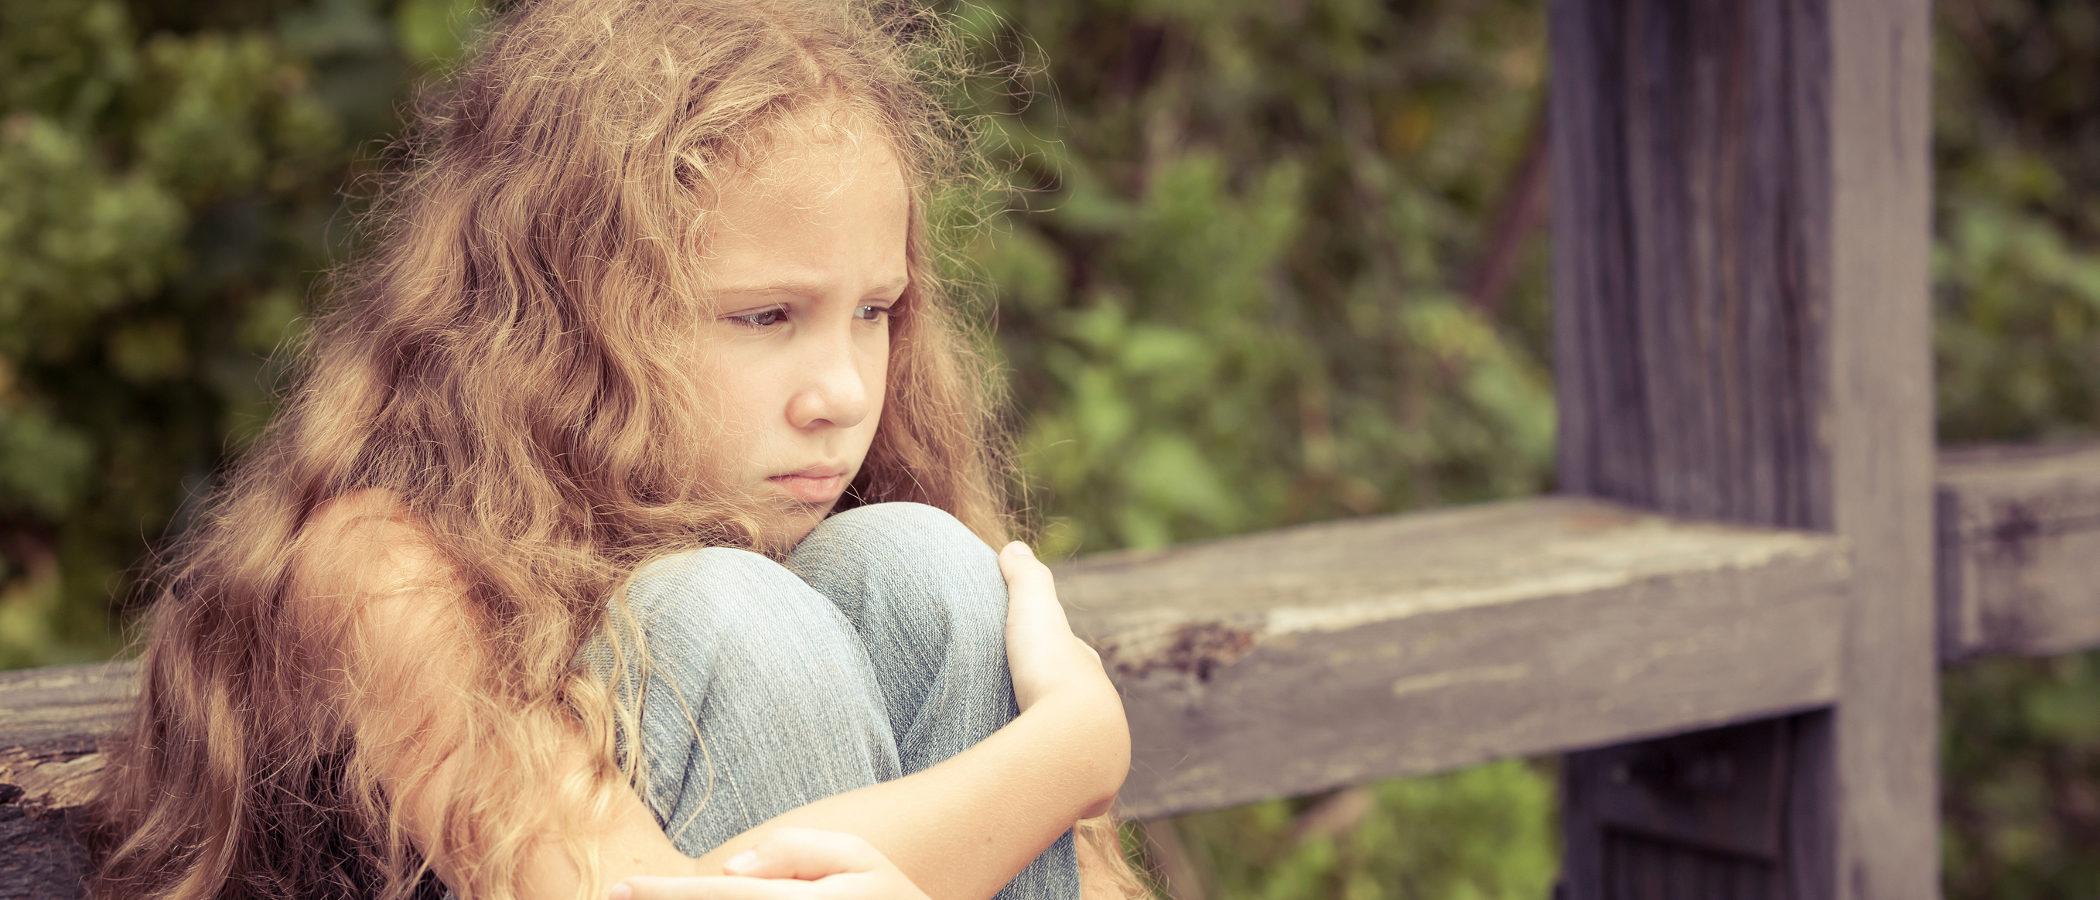 Cuando los niños tienen miedos y preocupaciones que no son normales en su edad